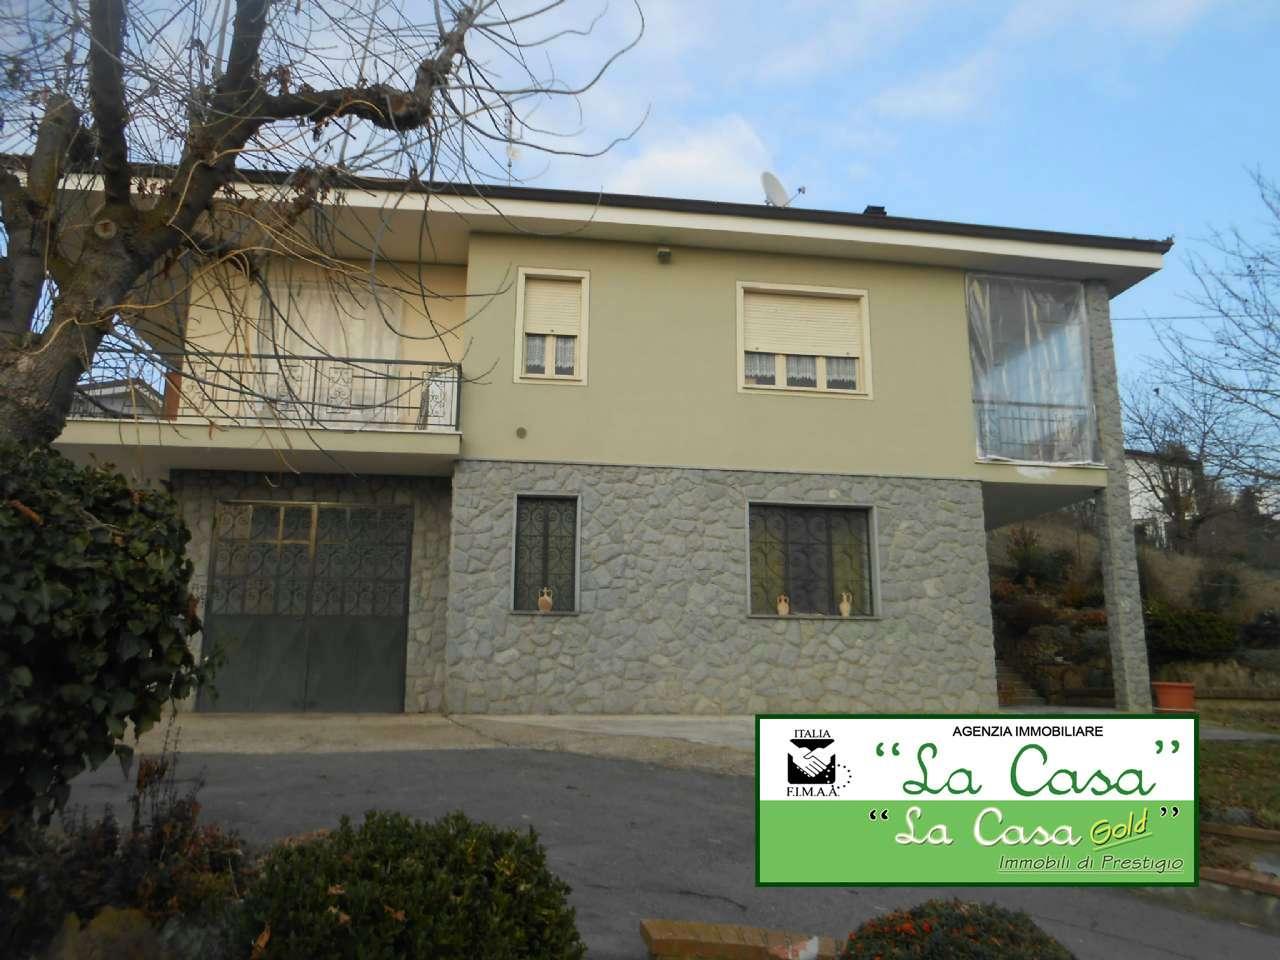 Villa in vendita a Montafia, 12 locali, prezzo € 198.000 | CambioCasa.it